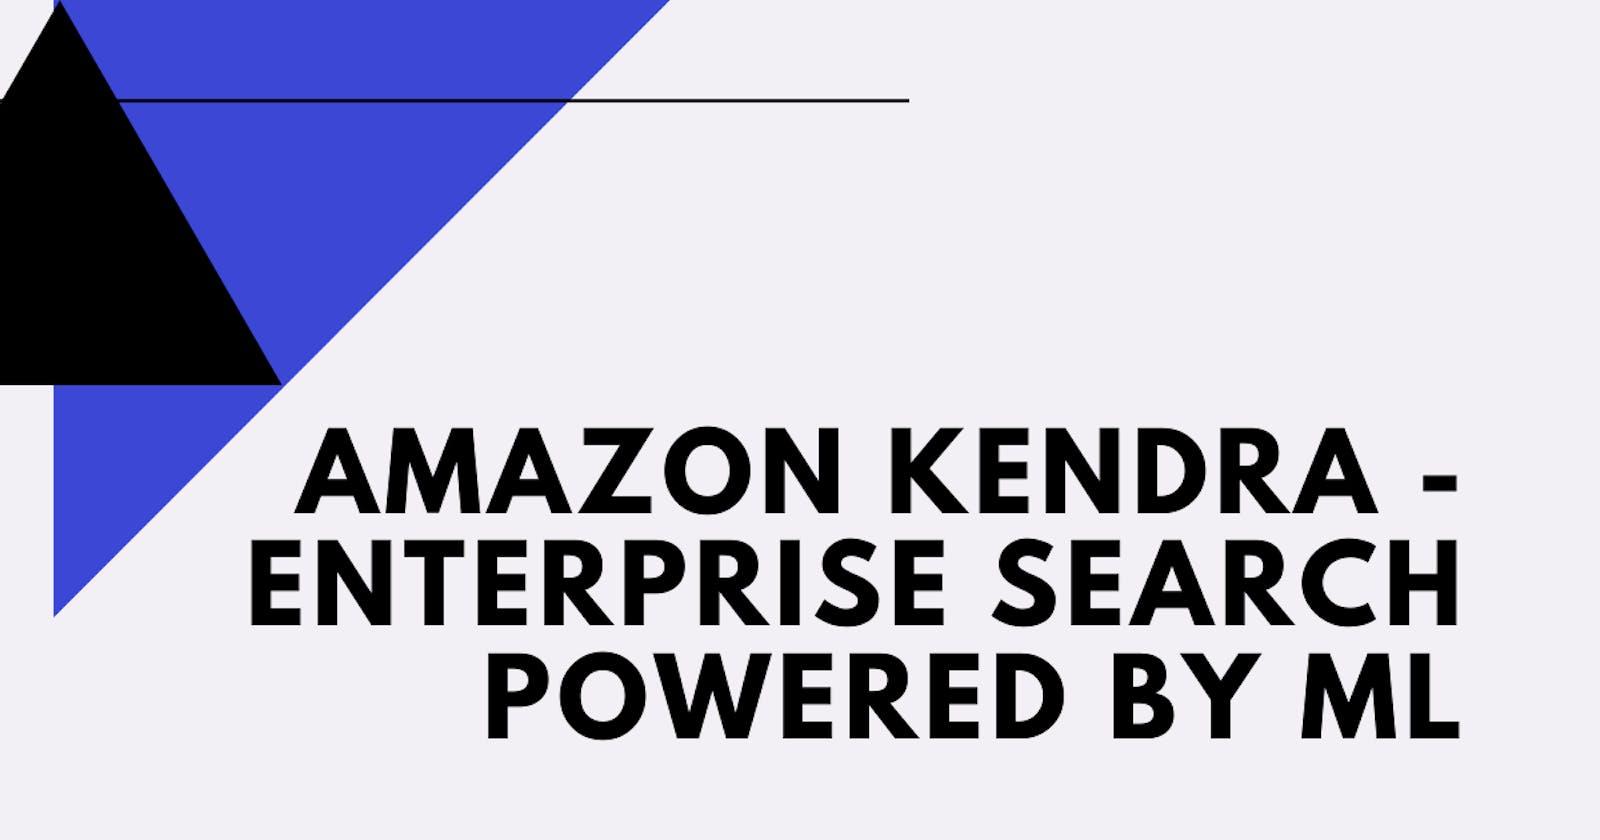 Amazon Kendra - Enterprise Search powered by ML